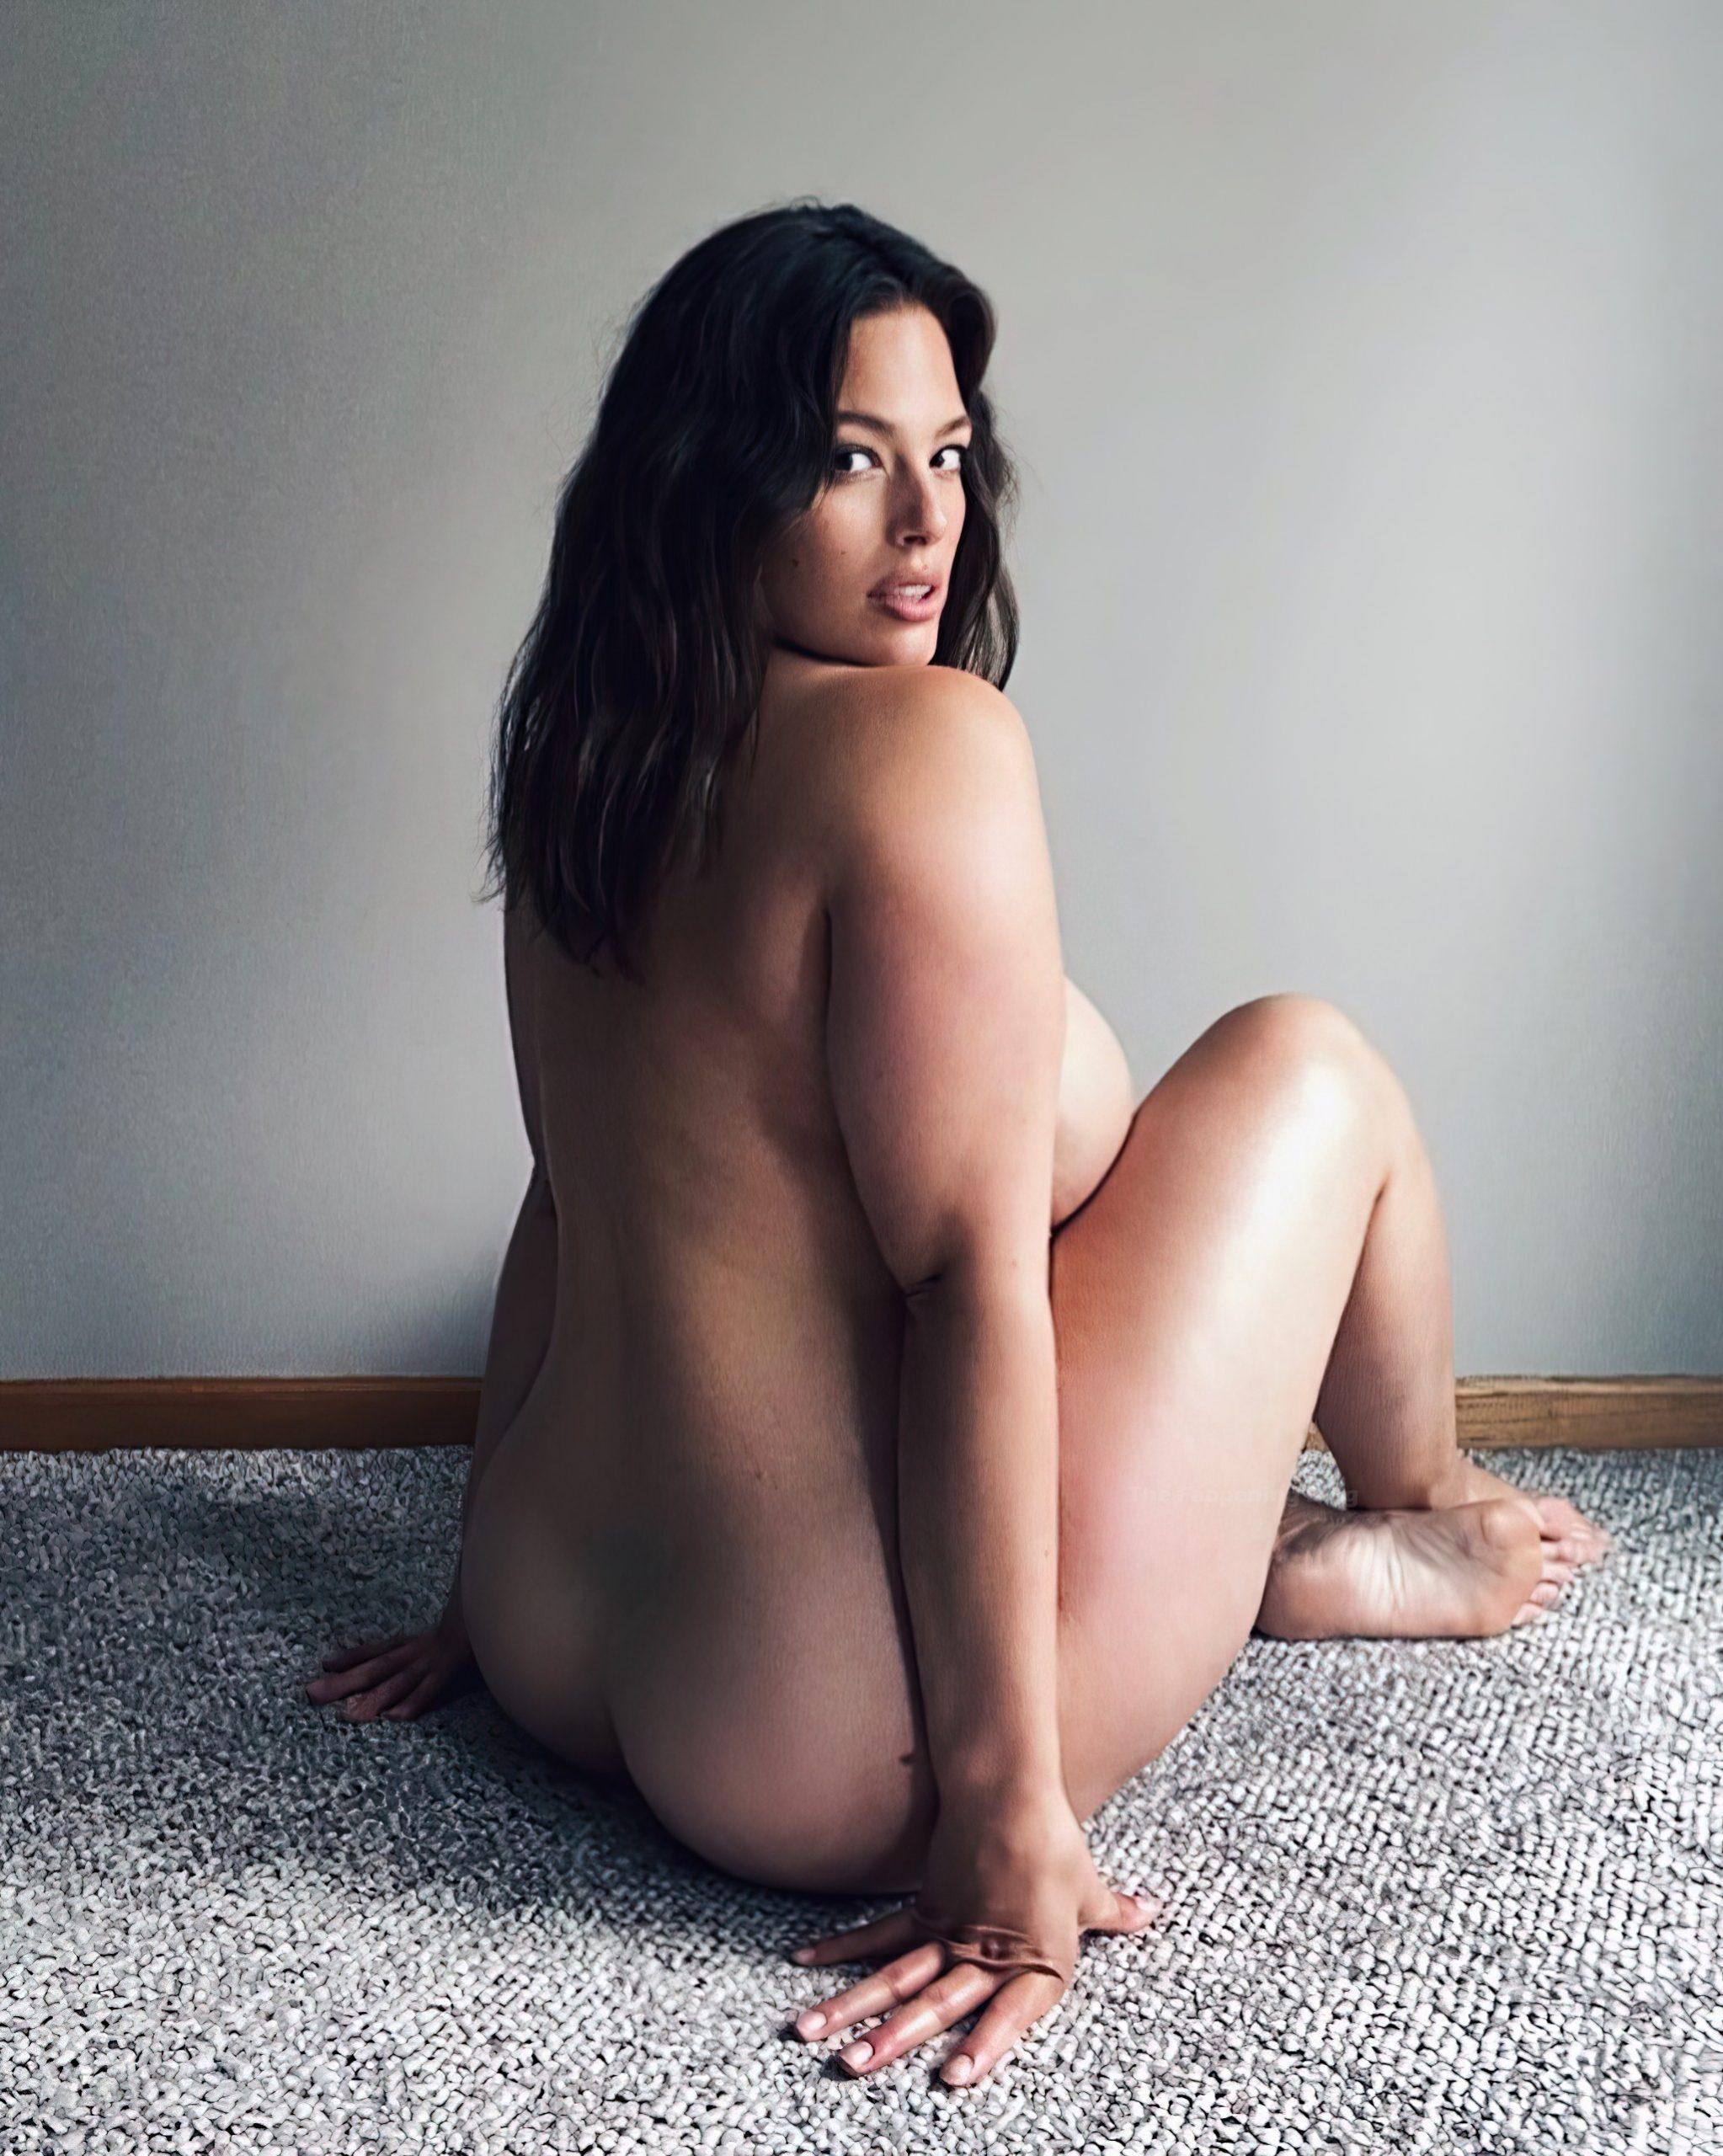 Ashley Graham Naked & Pregnant Bikini Shots